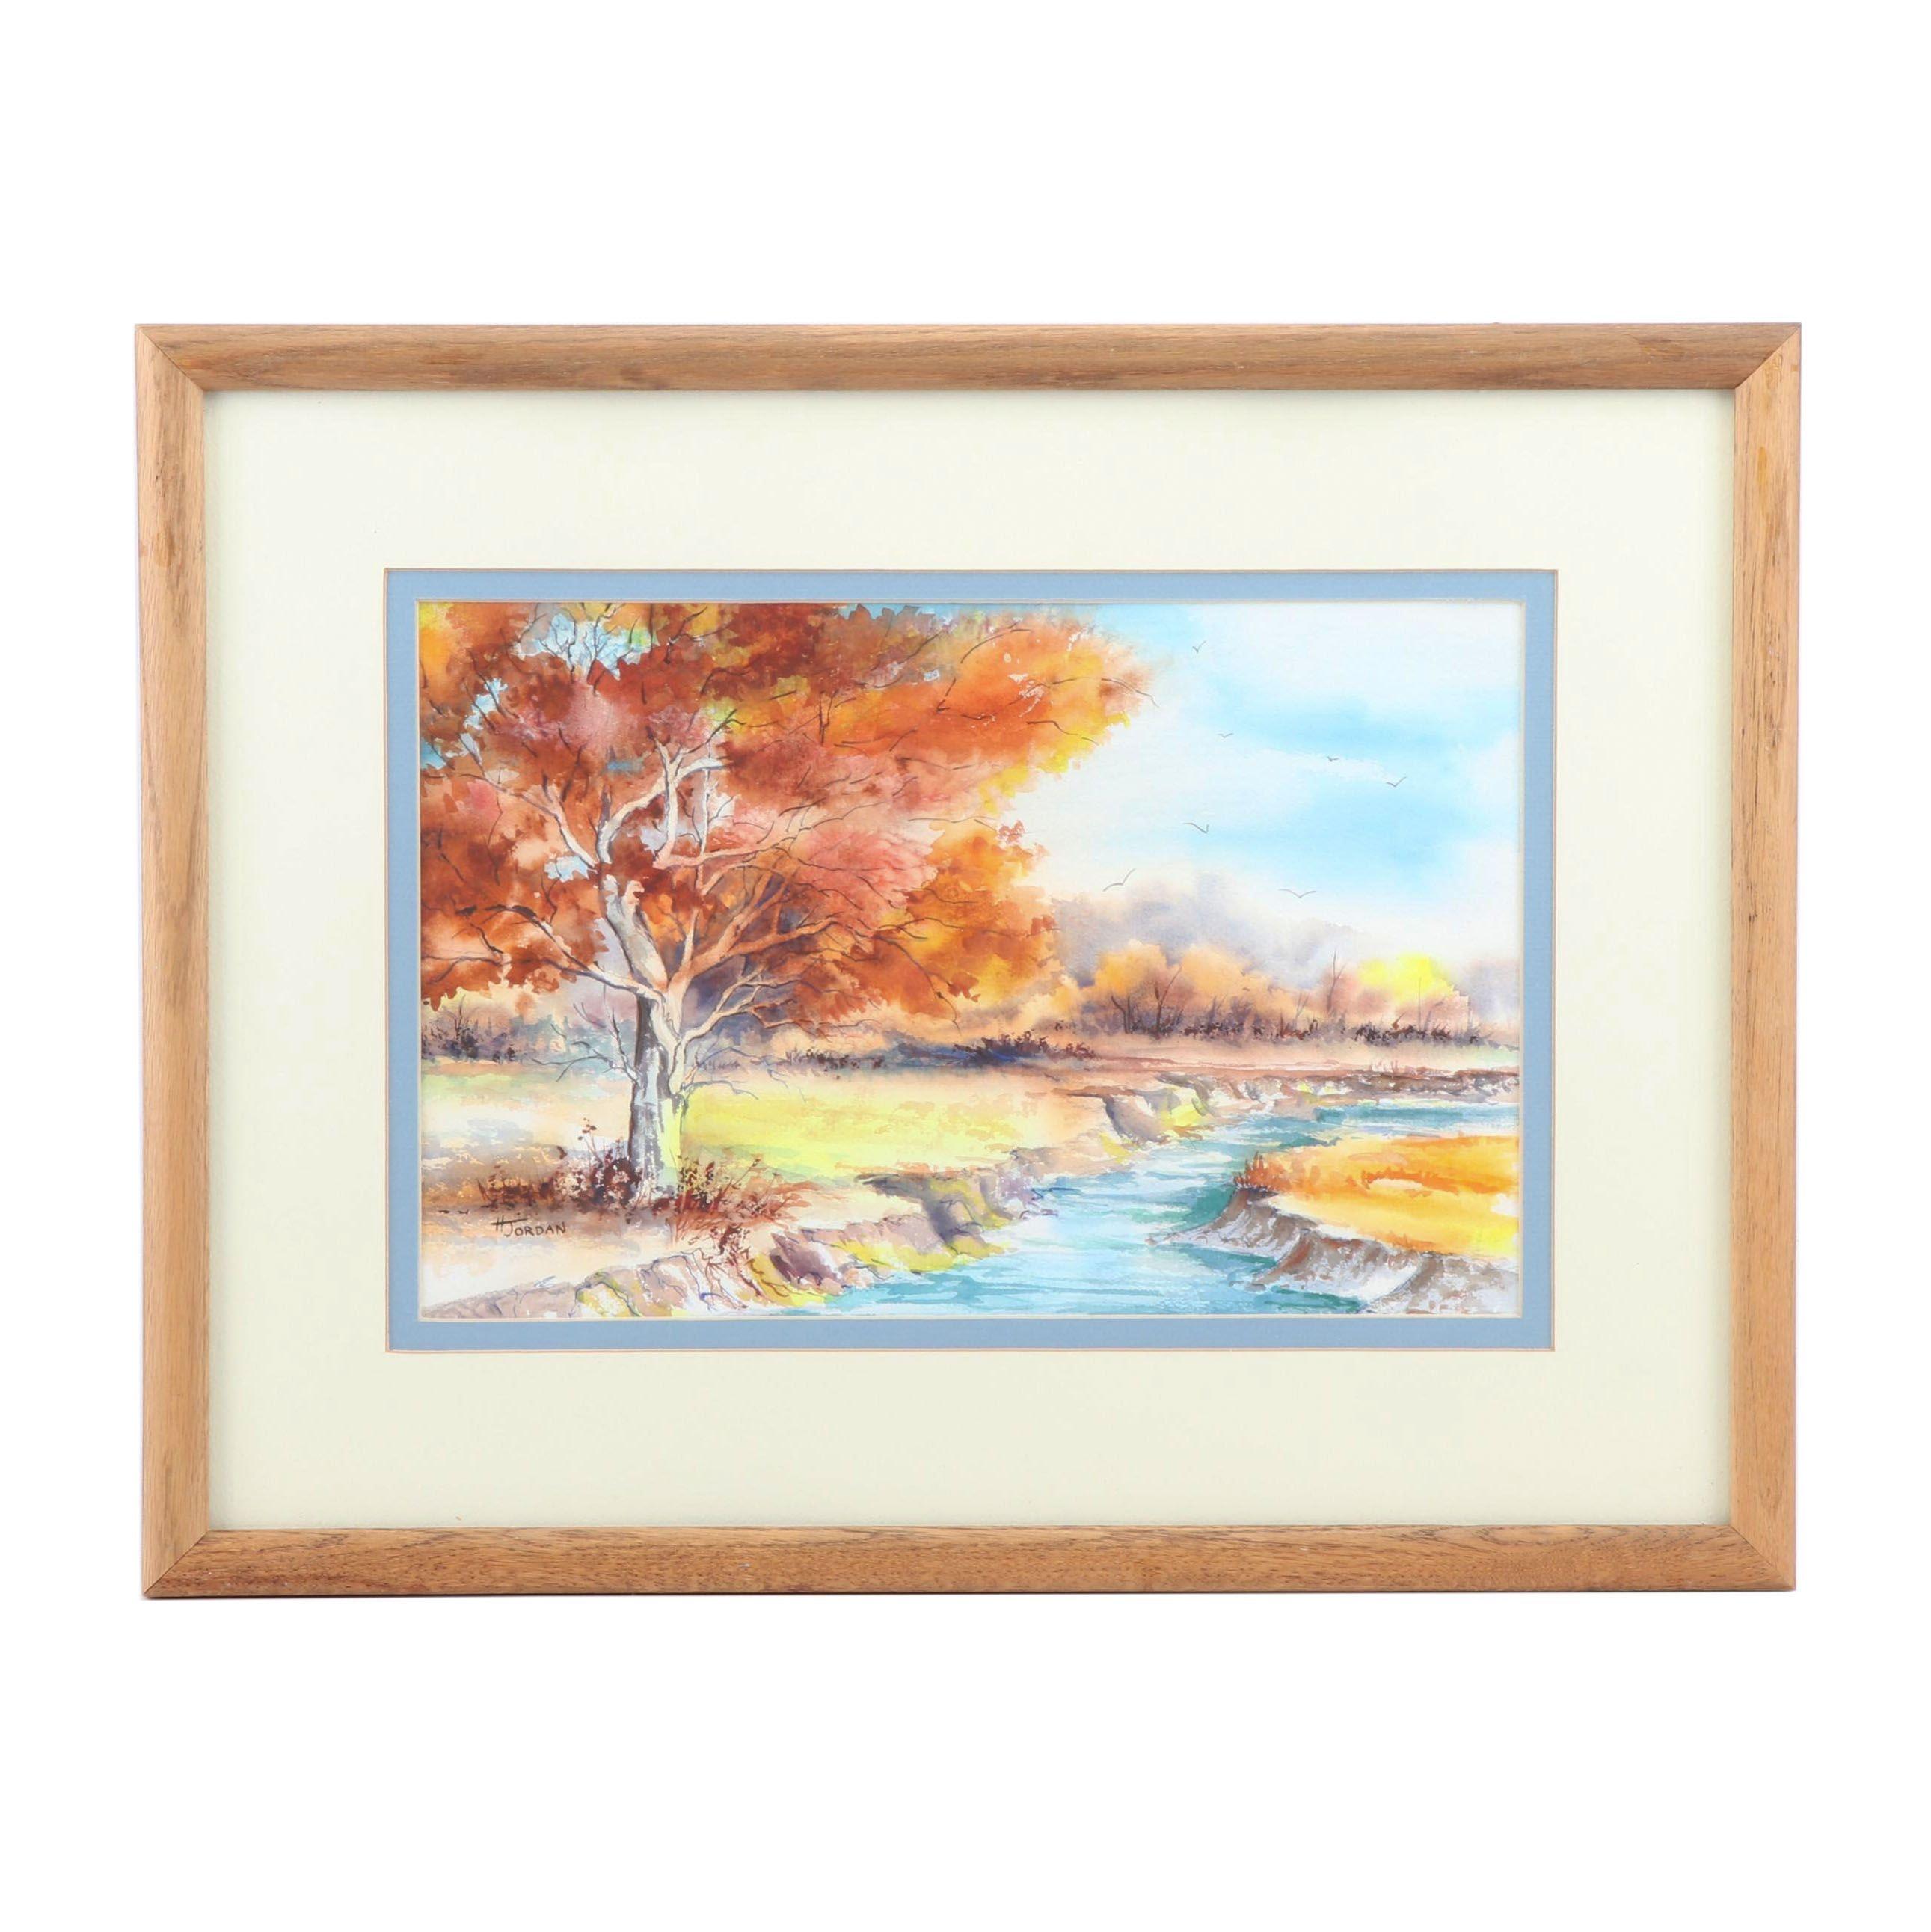 H. Jordan Watercolor Painting of an Autumn Landscape